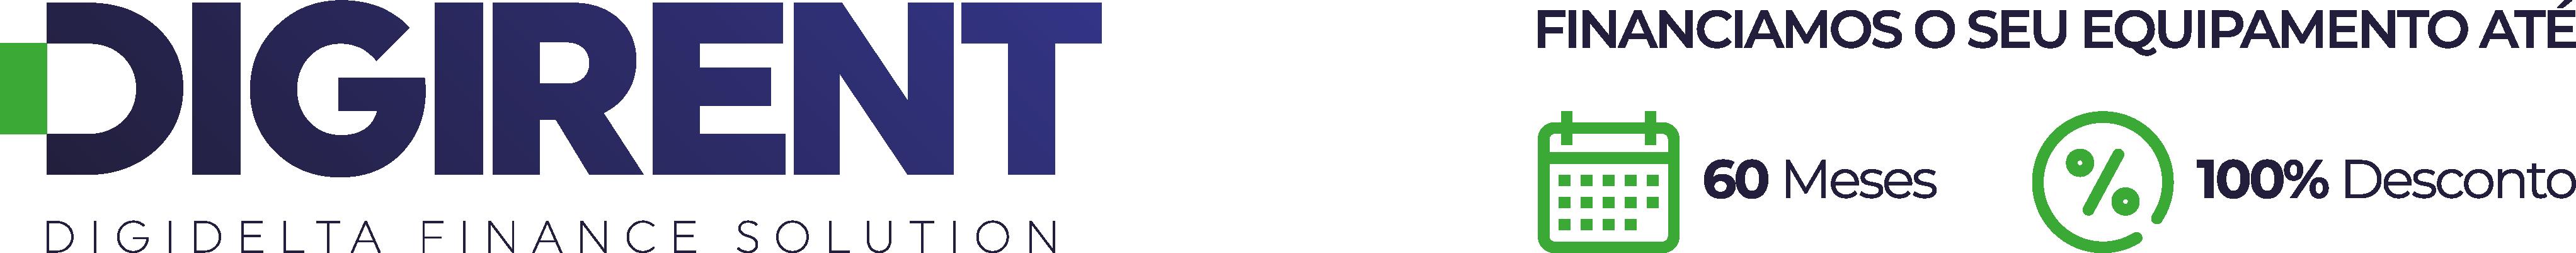 digirent-pt-01